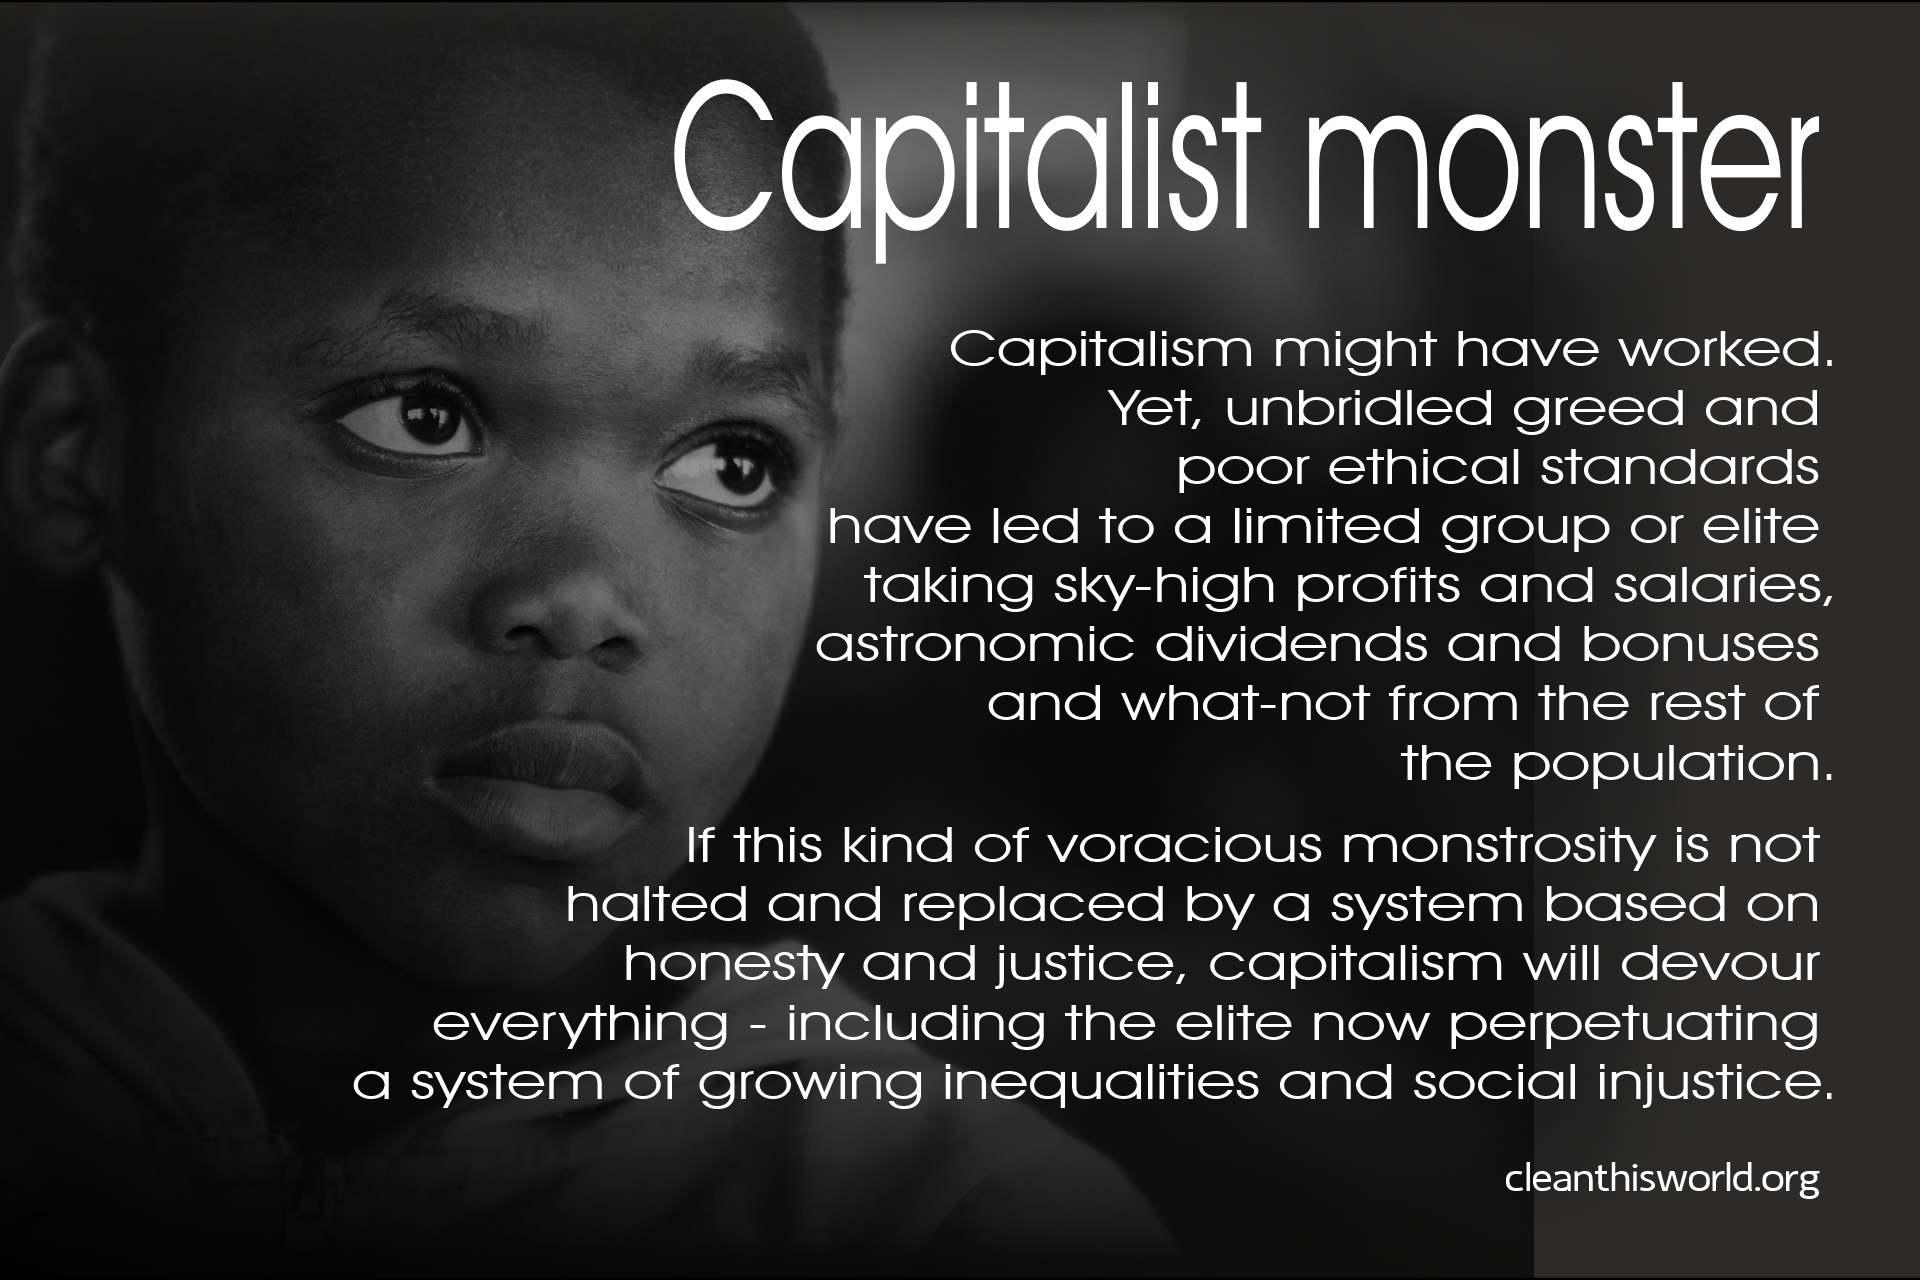 Capitalist monster